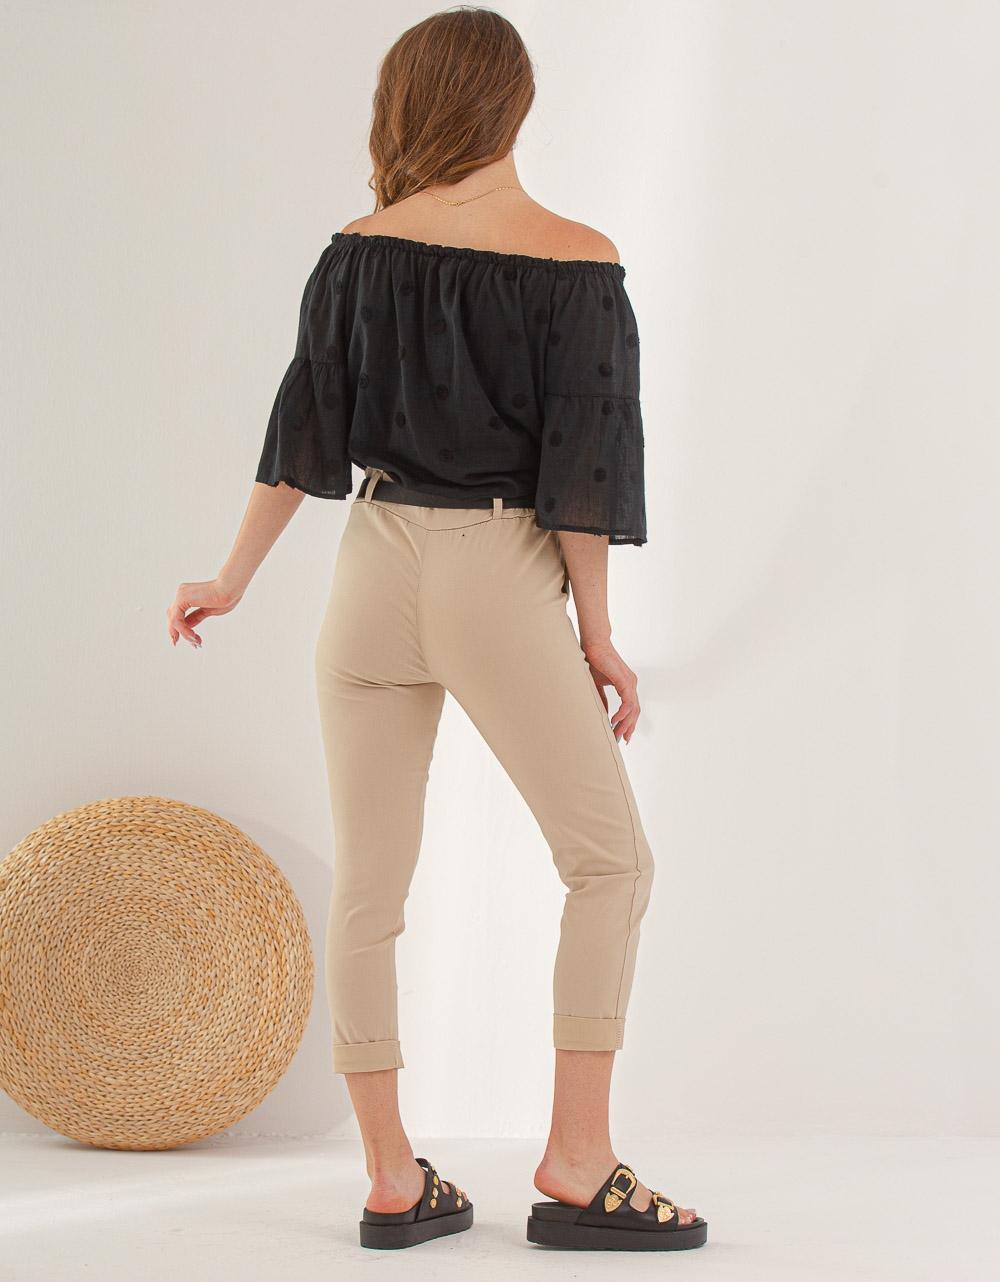 Εικόνα από Γυναικείο παντελόνι σε ίσια γραμμή Μπεζ